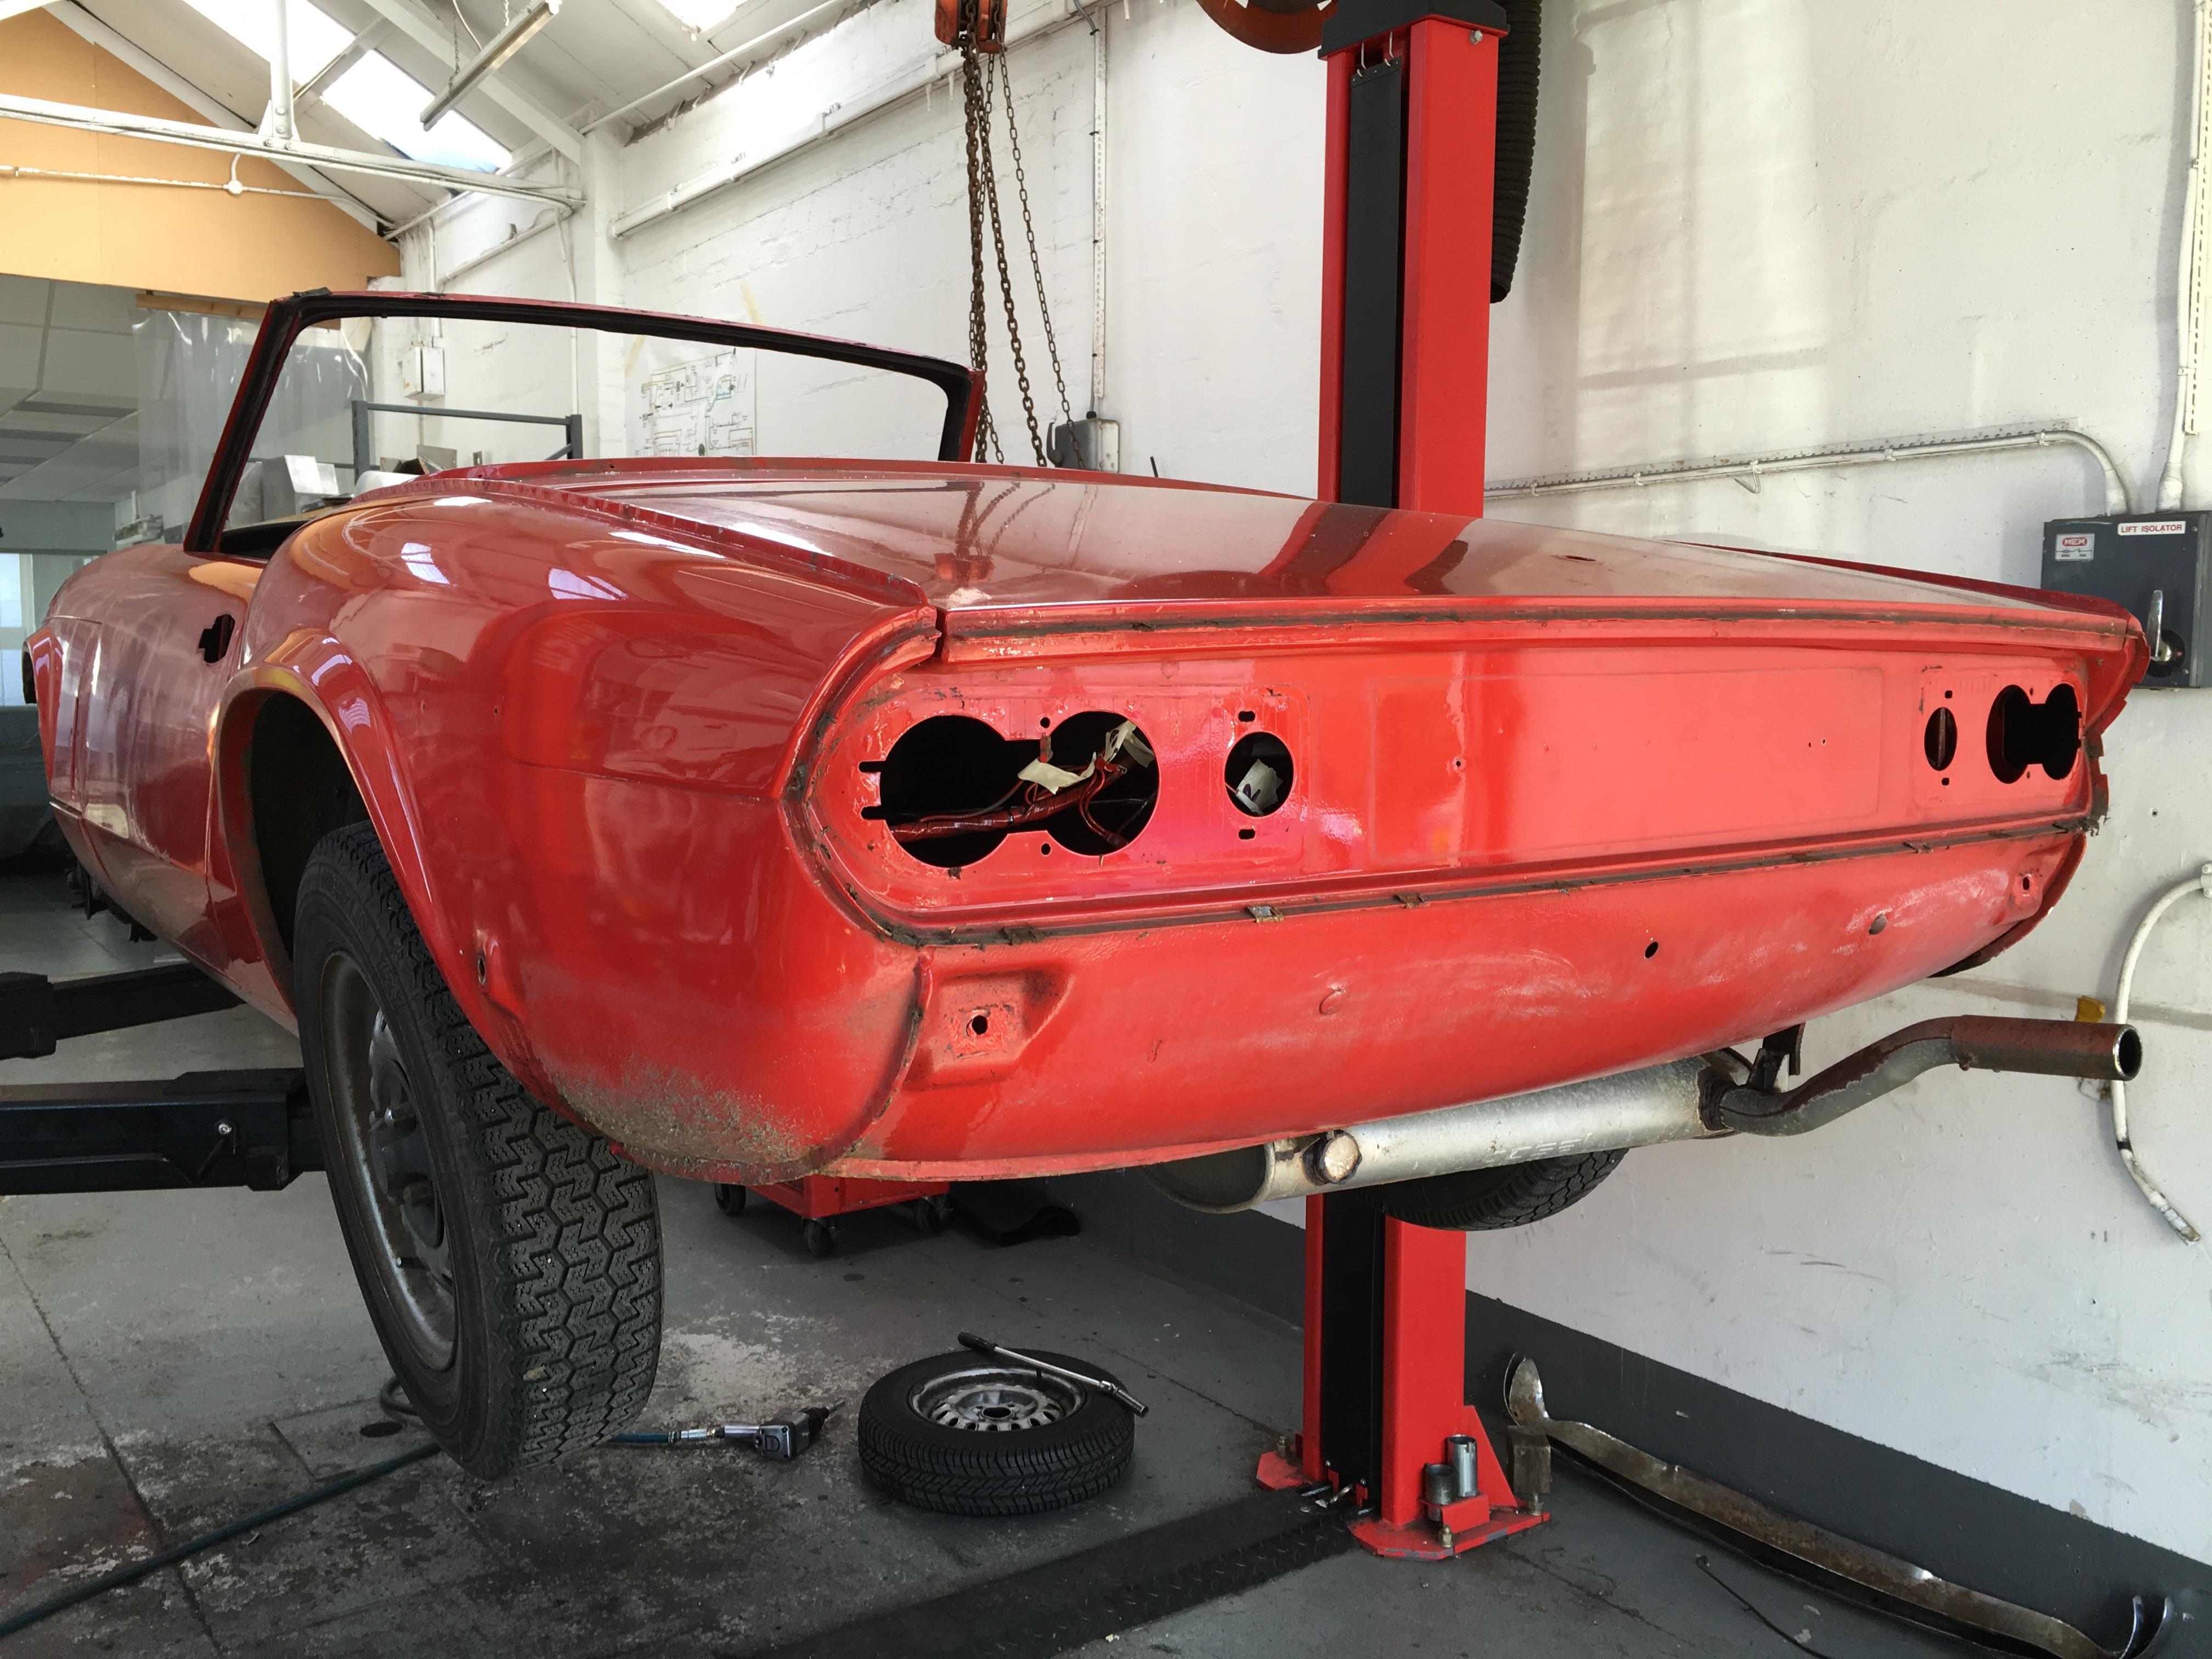 1971 Triumph Spitfire Stripped at Bridge Classic Cars